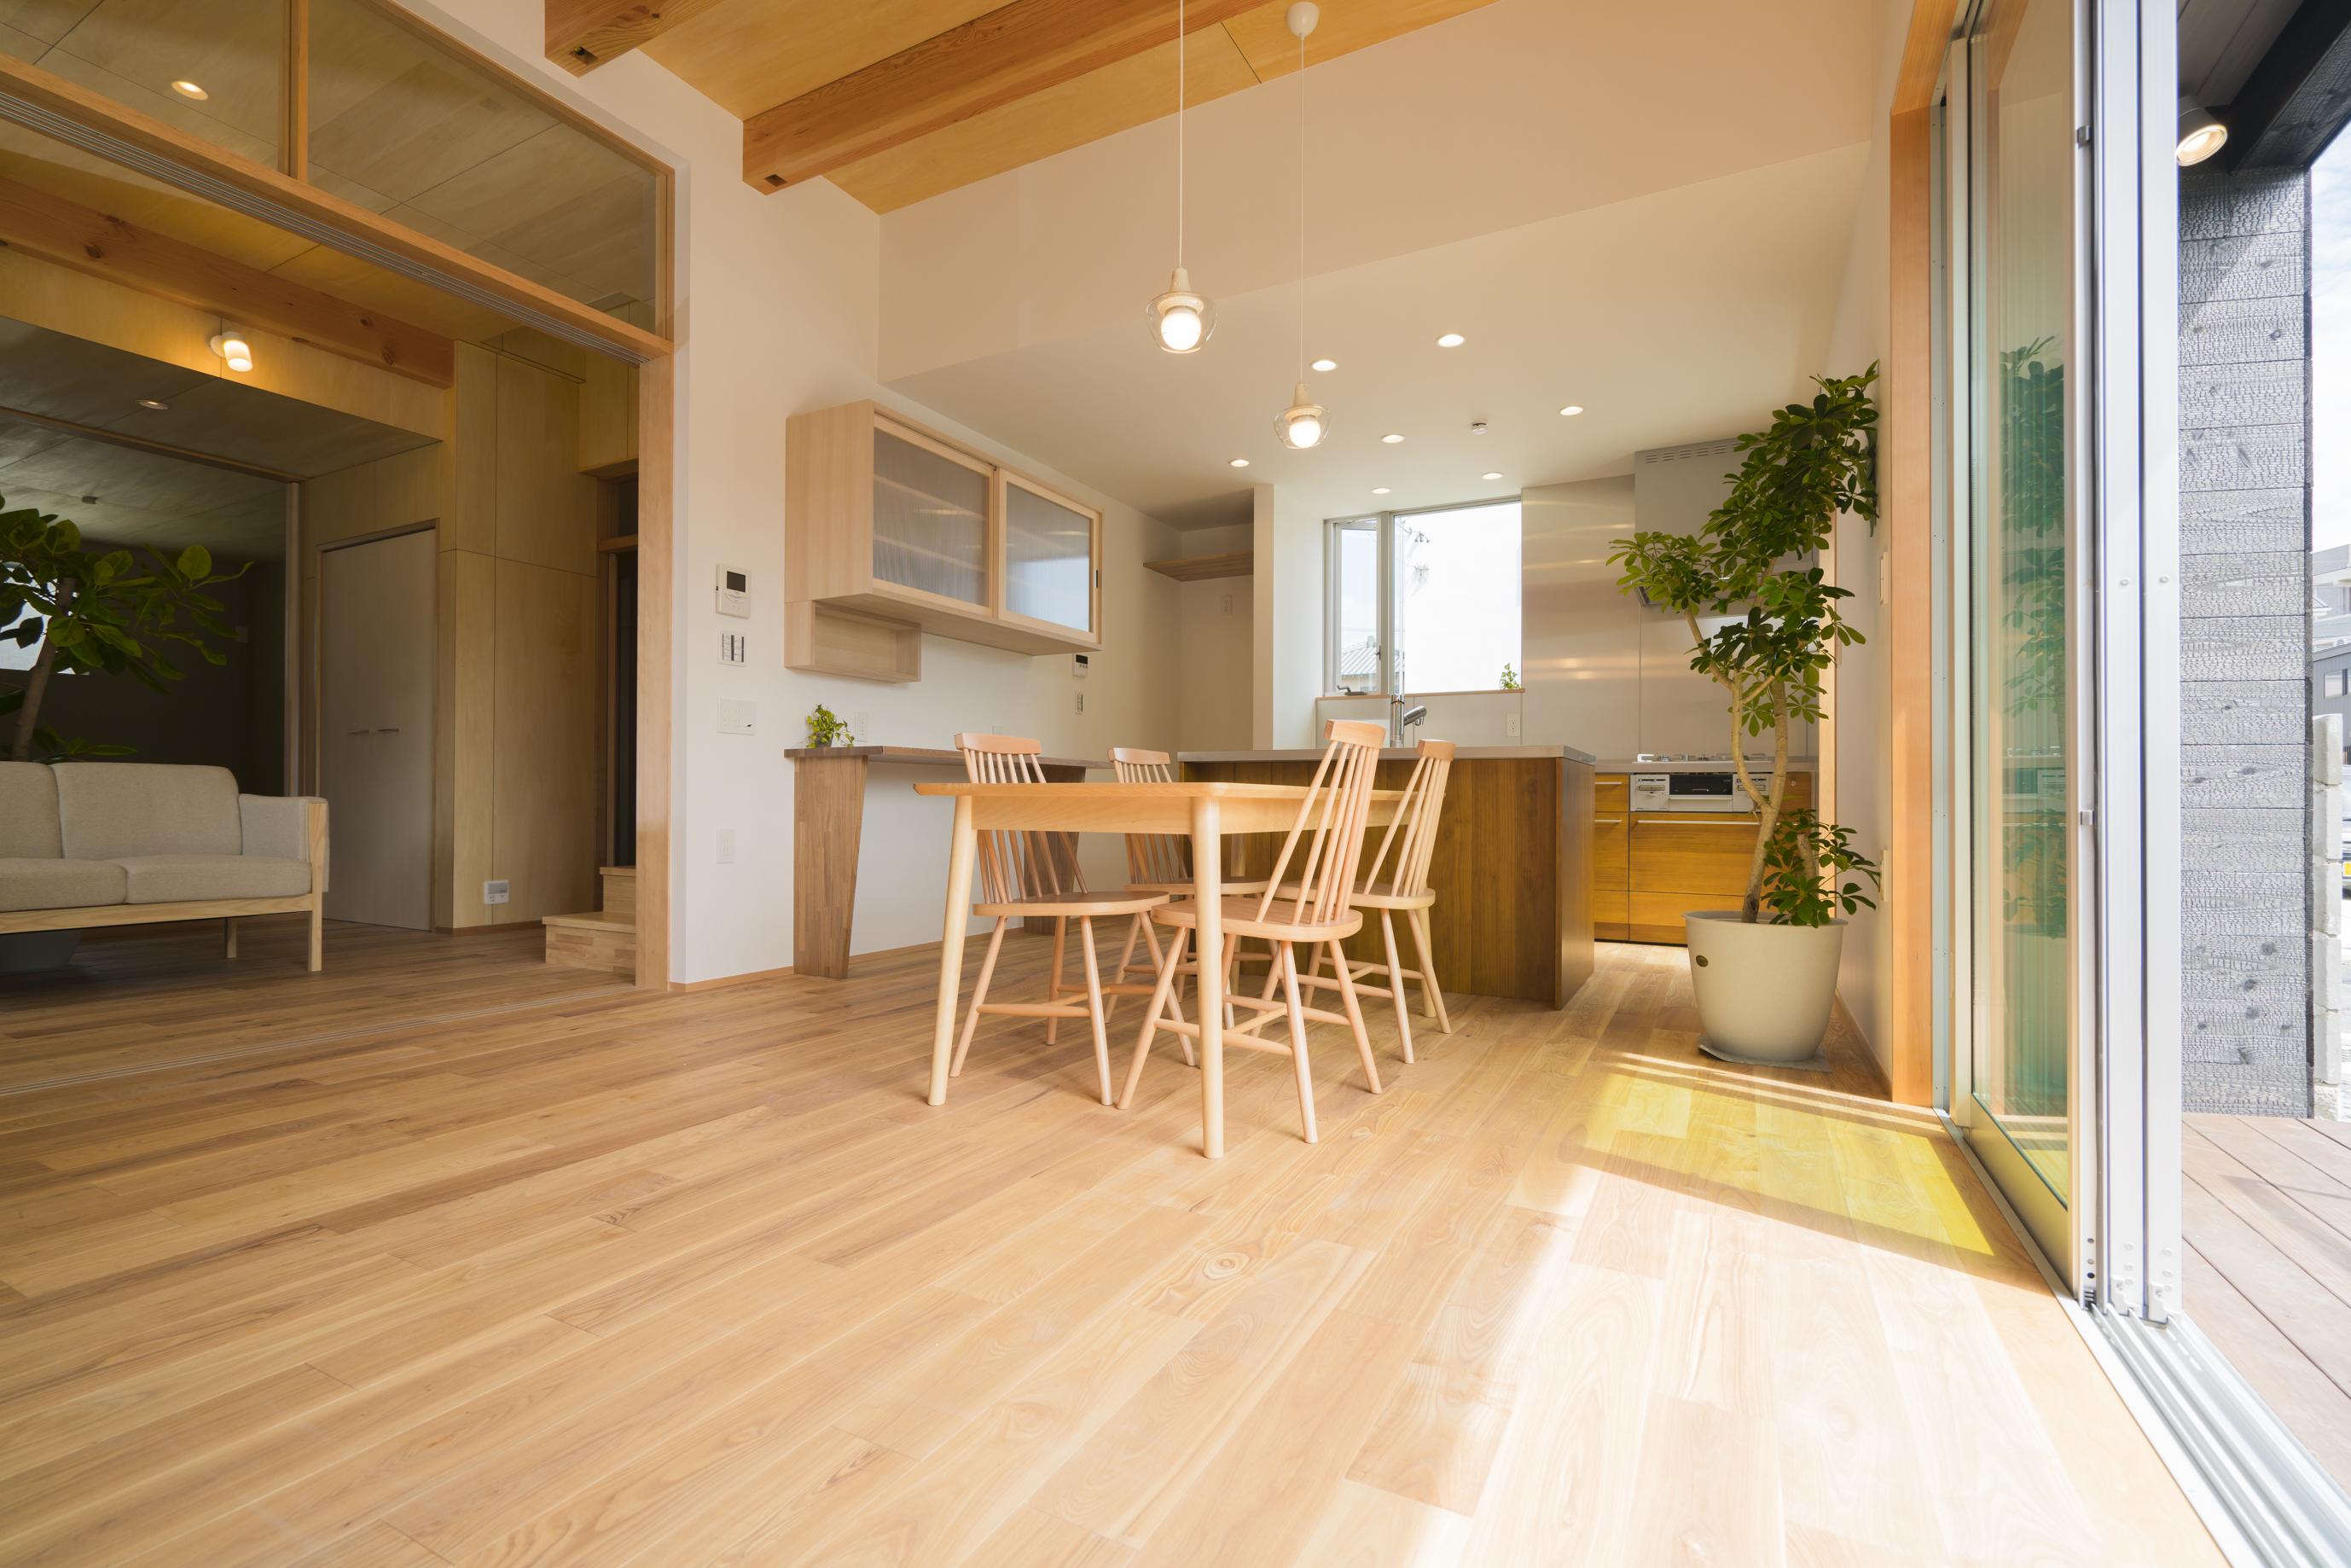 m+h(エムアンドエイチ)建築設計スタジオ【二世帯住宅、間取り、建築家】ダイニングの日当たりが良いのはもちろん、時間ごとに表情を変えるような設計に